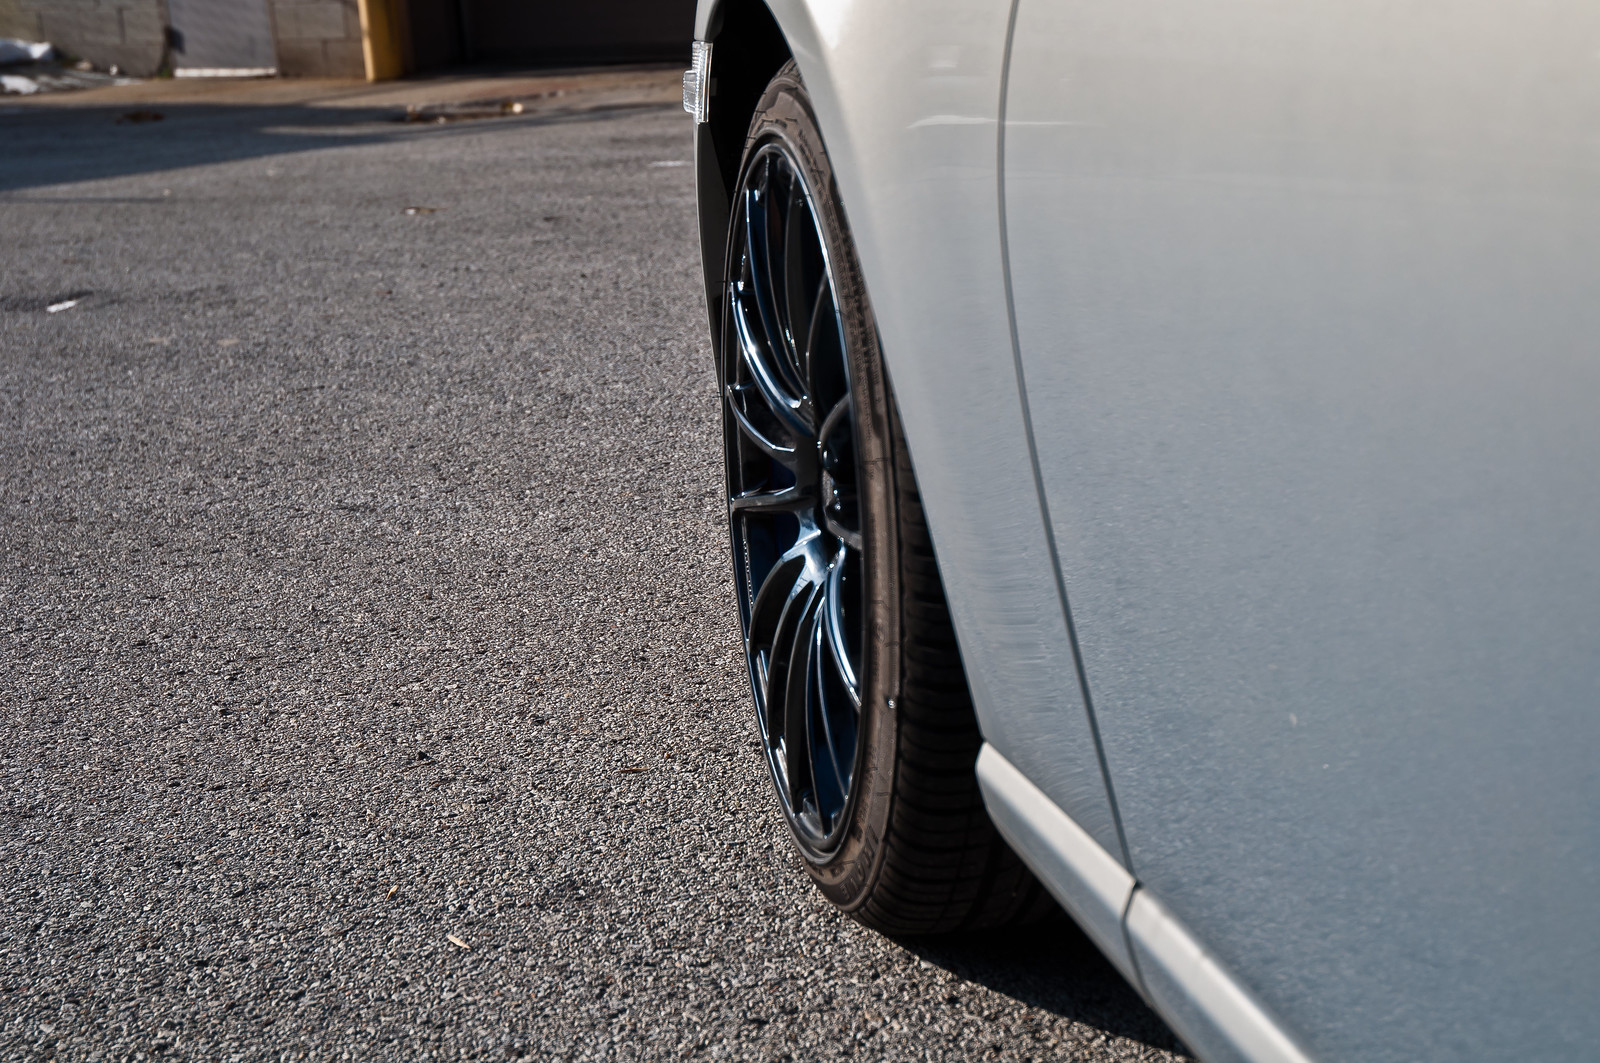 Scion Frs For Sale St Louis >> FS/IL> WEDS SA15R BLC finish 18x8.5/9.5 +48 w/245/40R18 tires - Scion FR-S Forum   Subaru BRZ ...